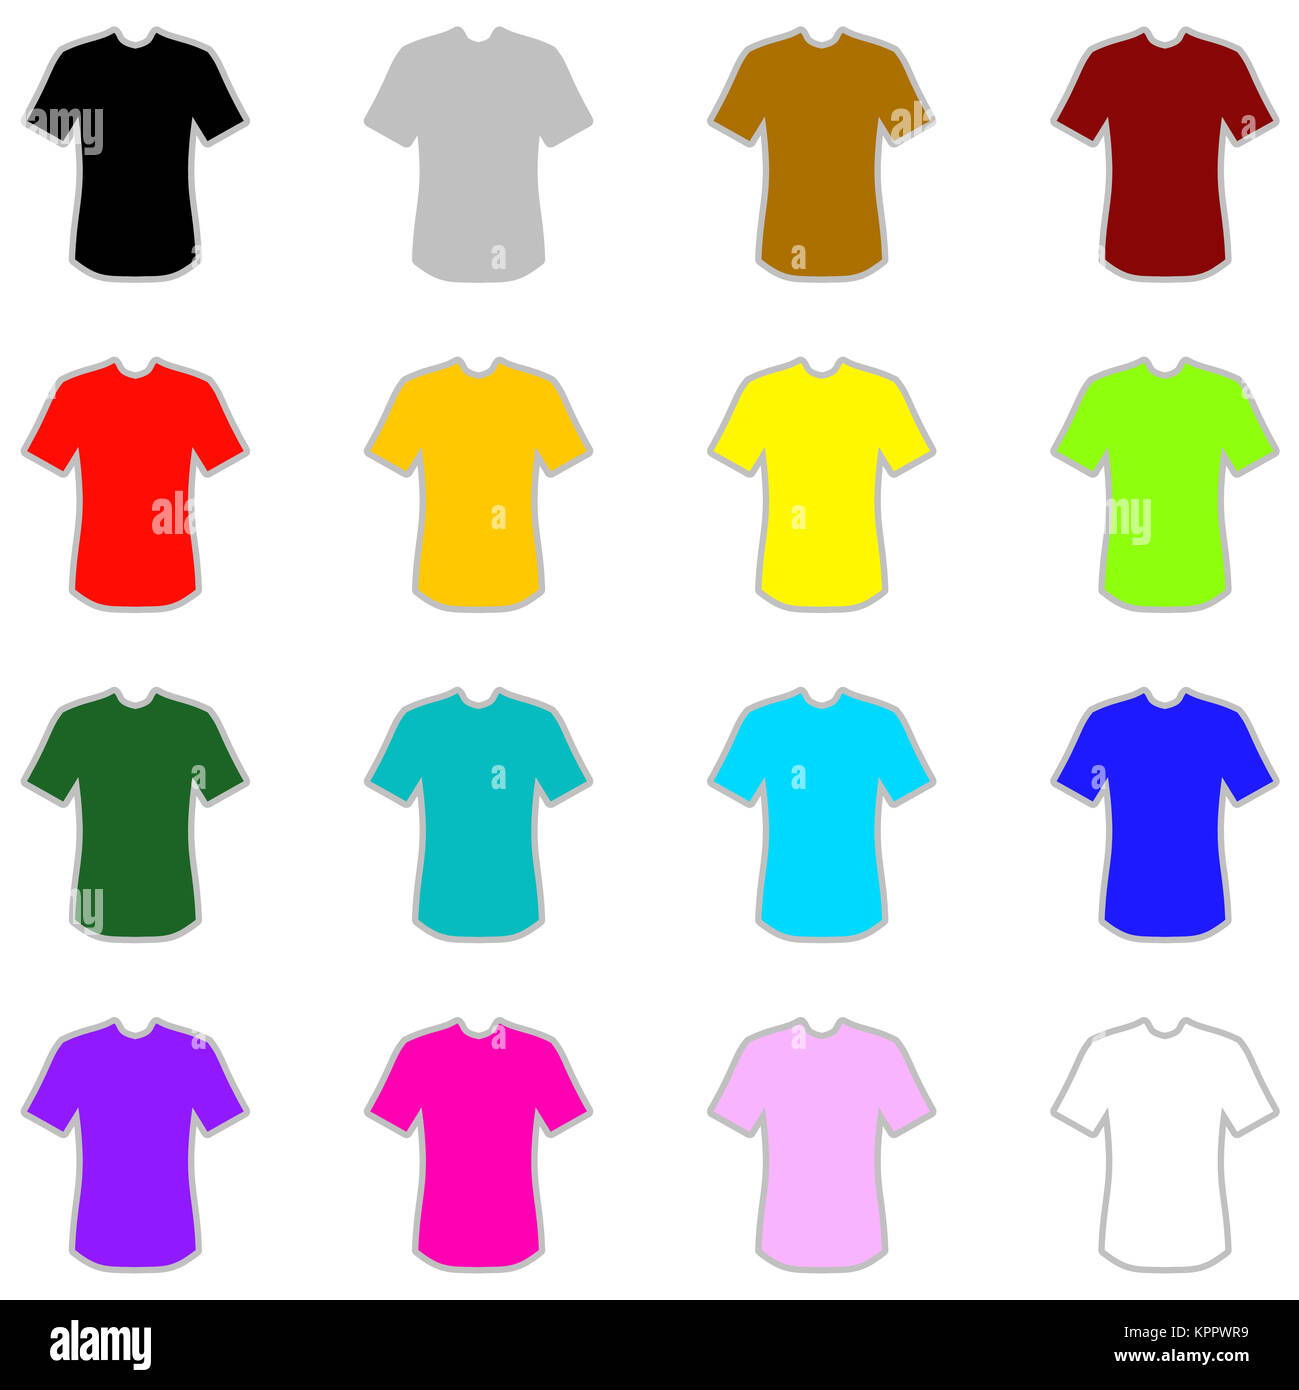 Isolierte farbige Shirts in 16 verschiedenen Farben - Stock Image